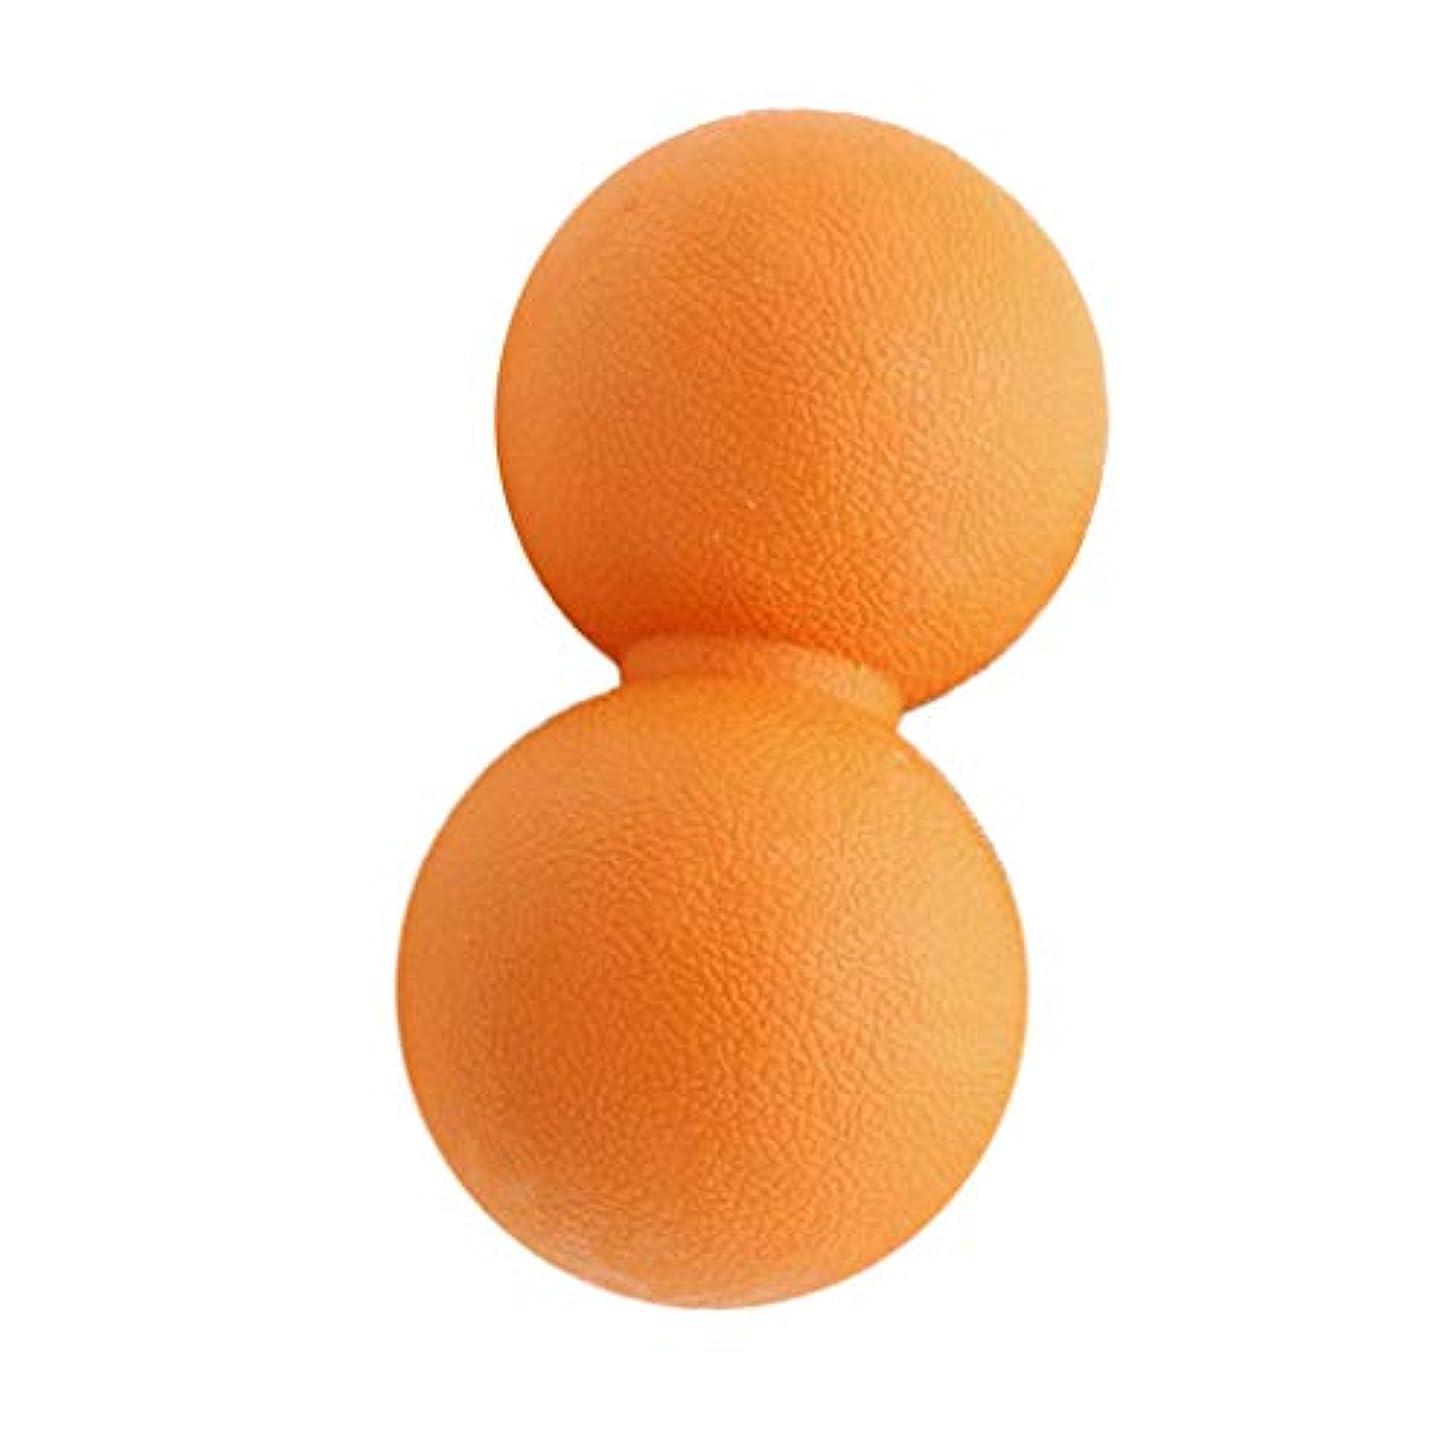 議会ボスビュッフェCUTICATE 全2色 マッサージボール ピーナッツ ツボ押しグッズ 疲れ解消ボール 筋膜リリース 筋肉疲労回復 - オレンジ, 13cm